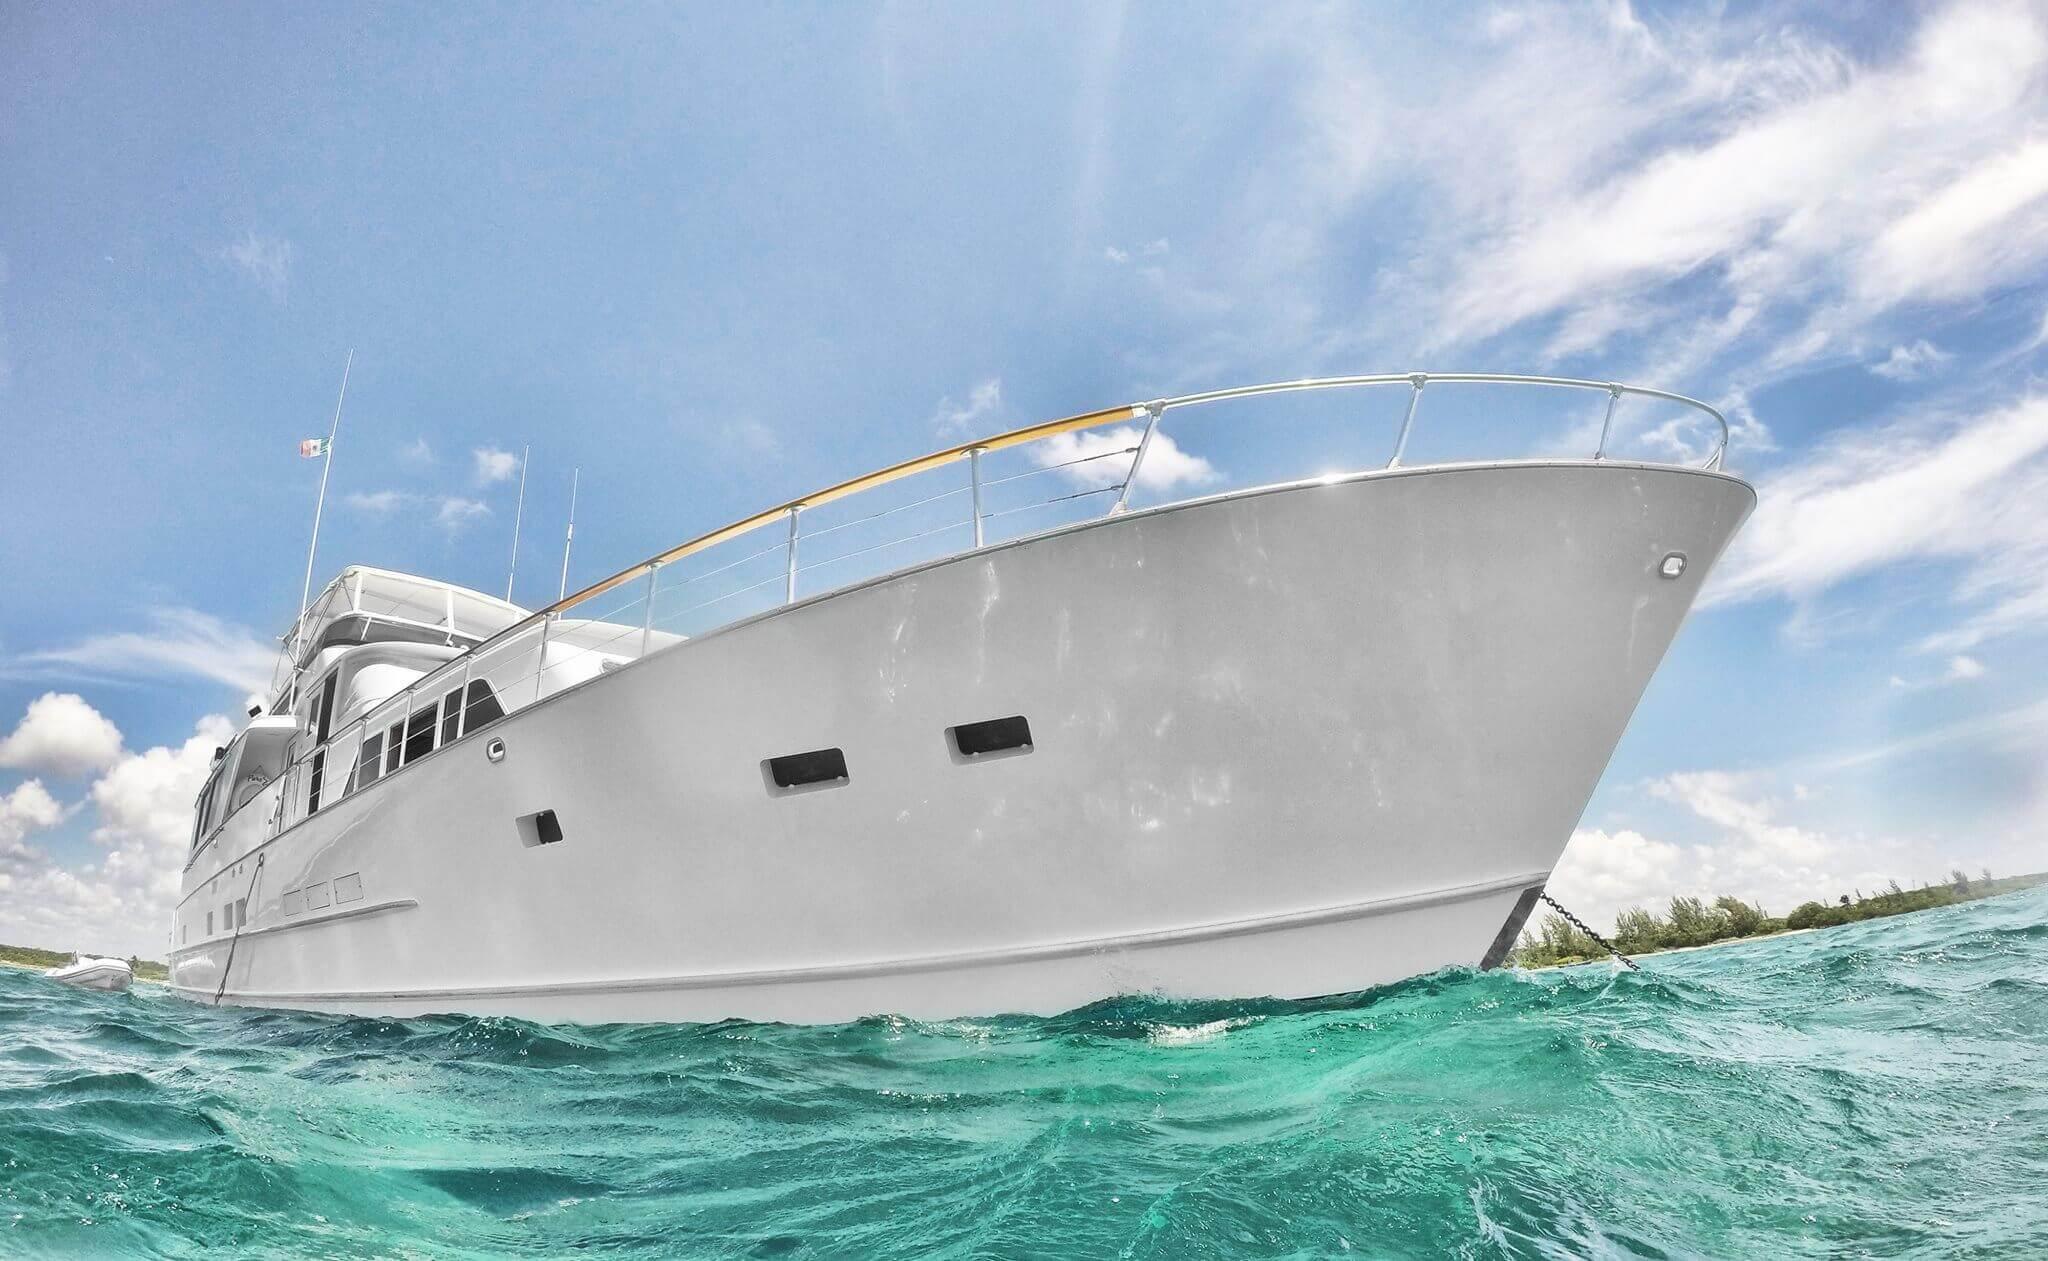 80 ft amazing super yacht